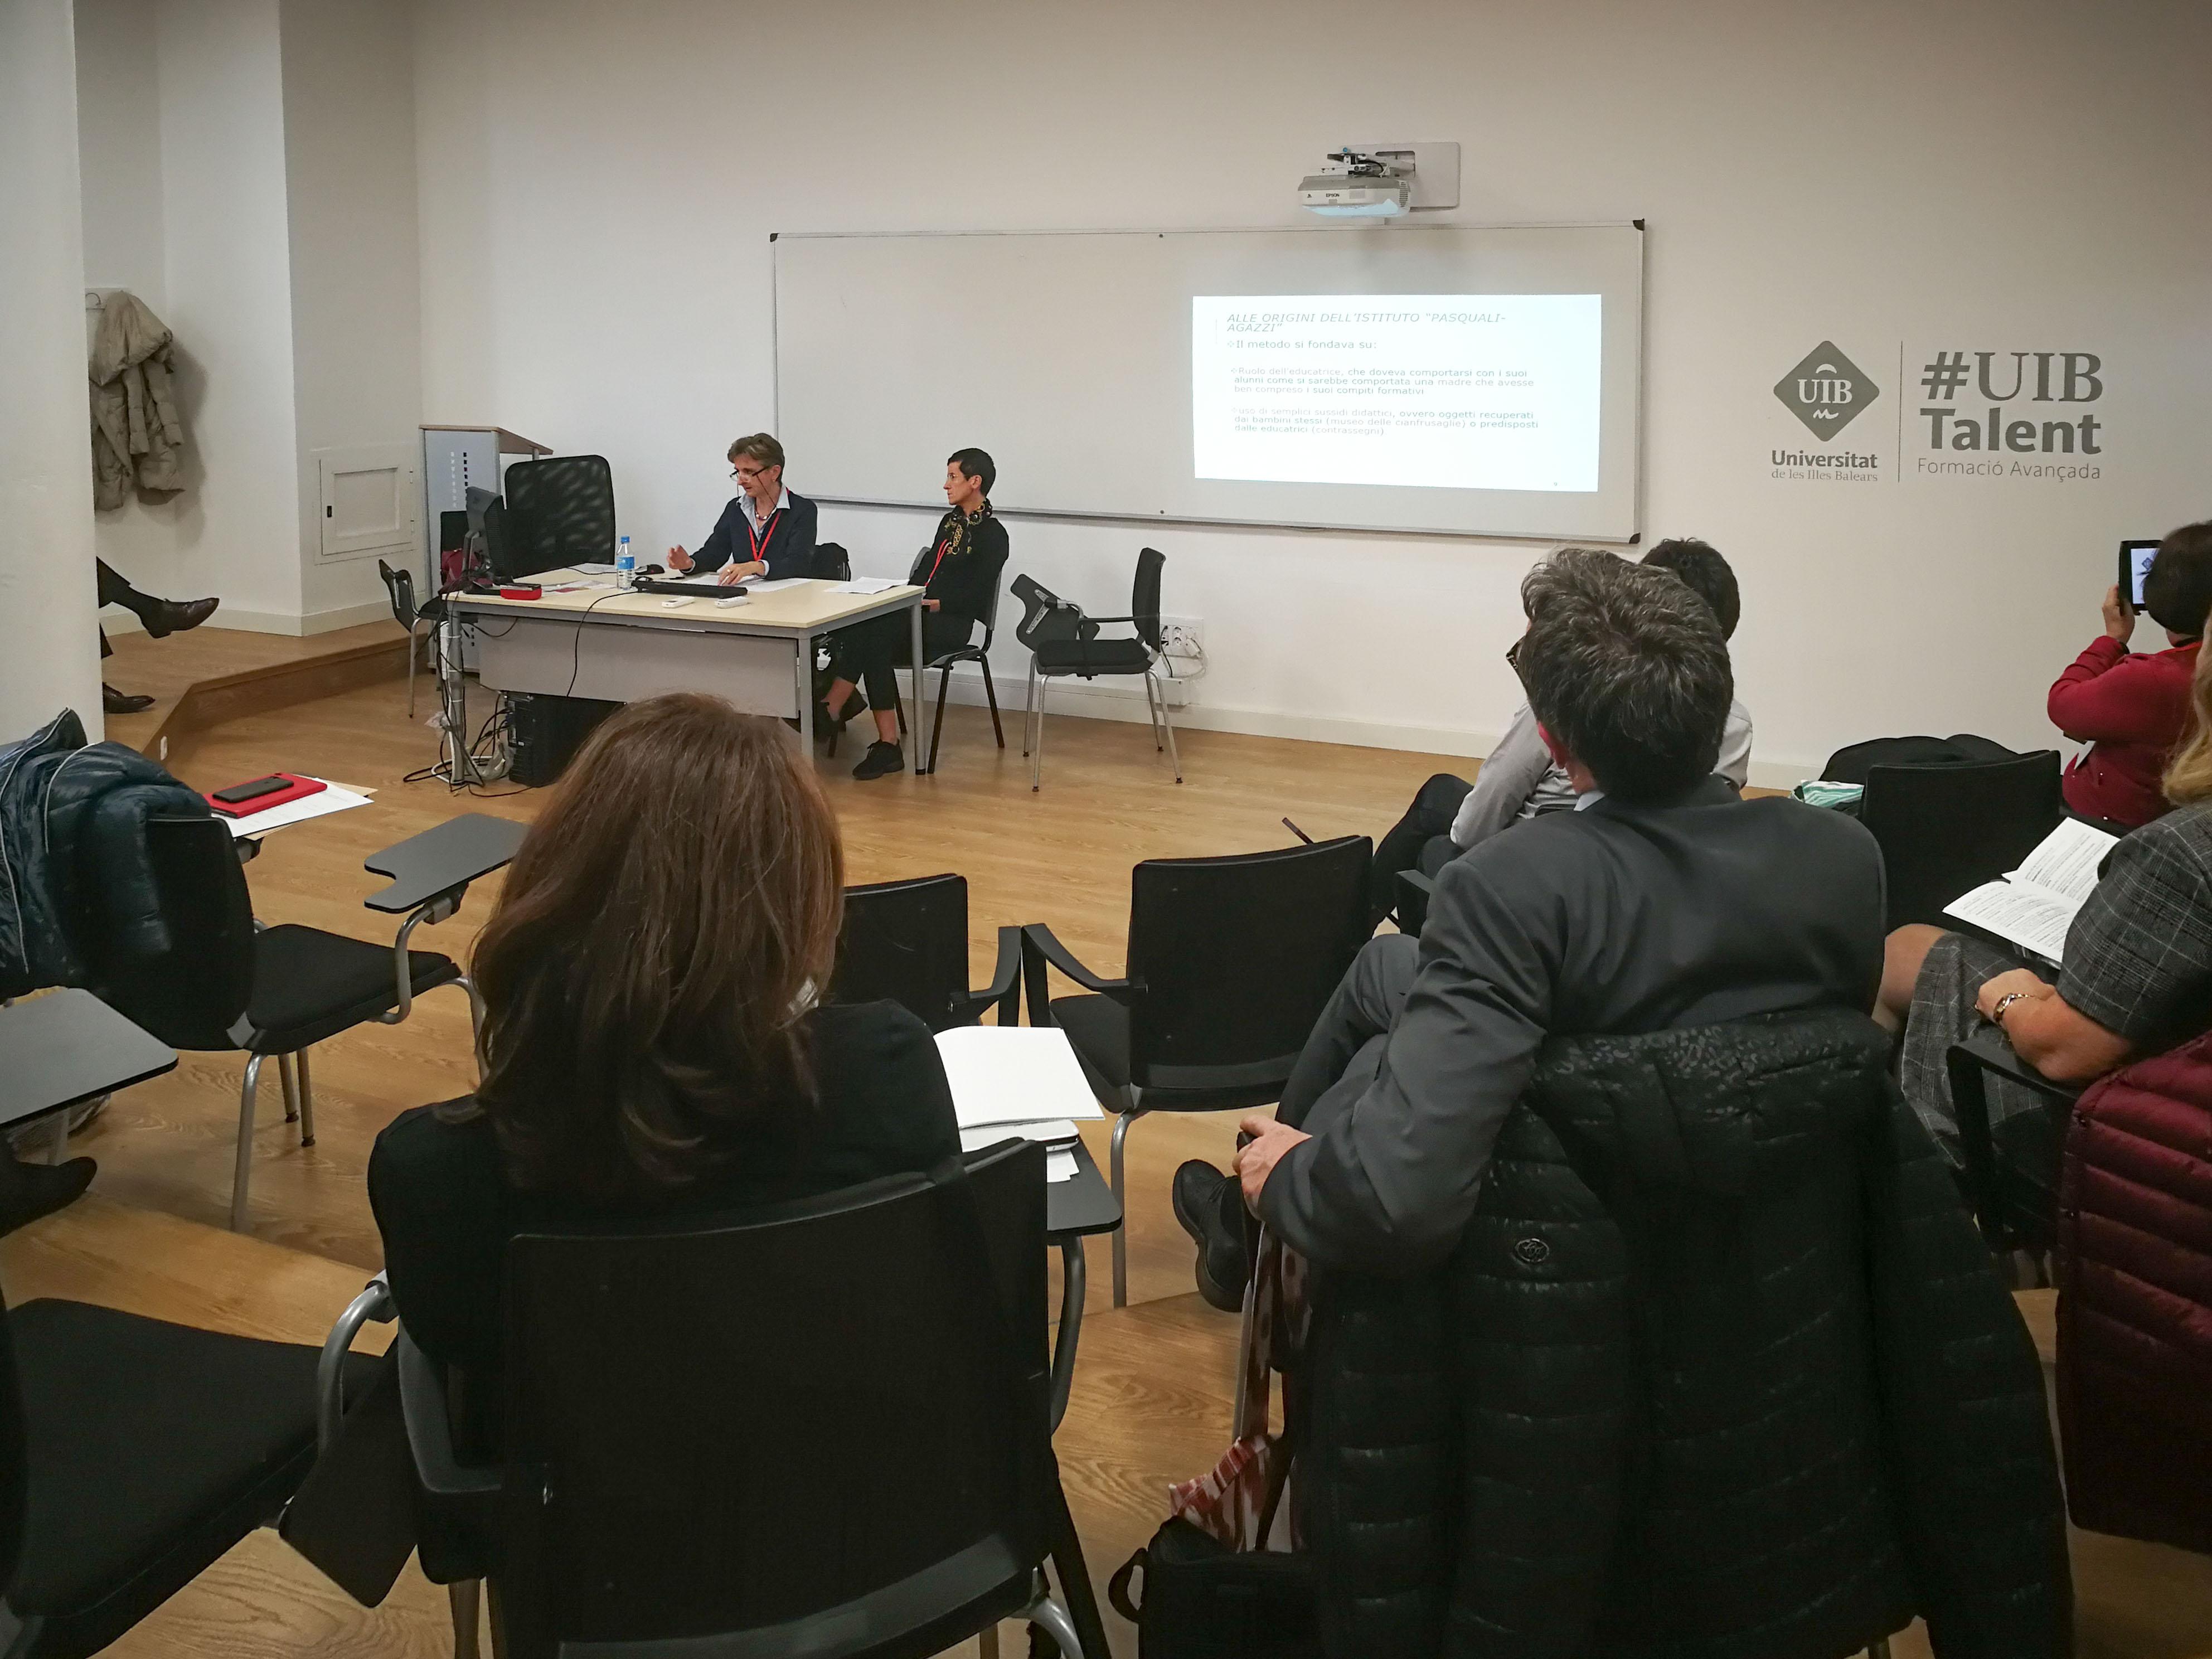 La practica educativa_PalmadiMaiorca-165206